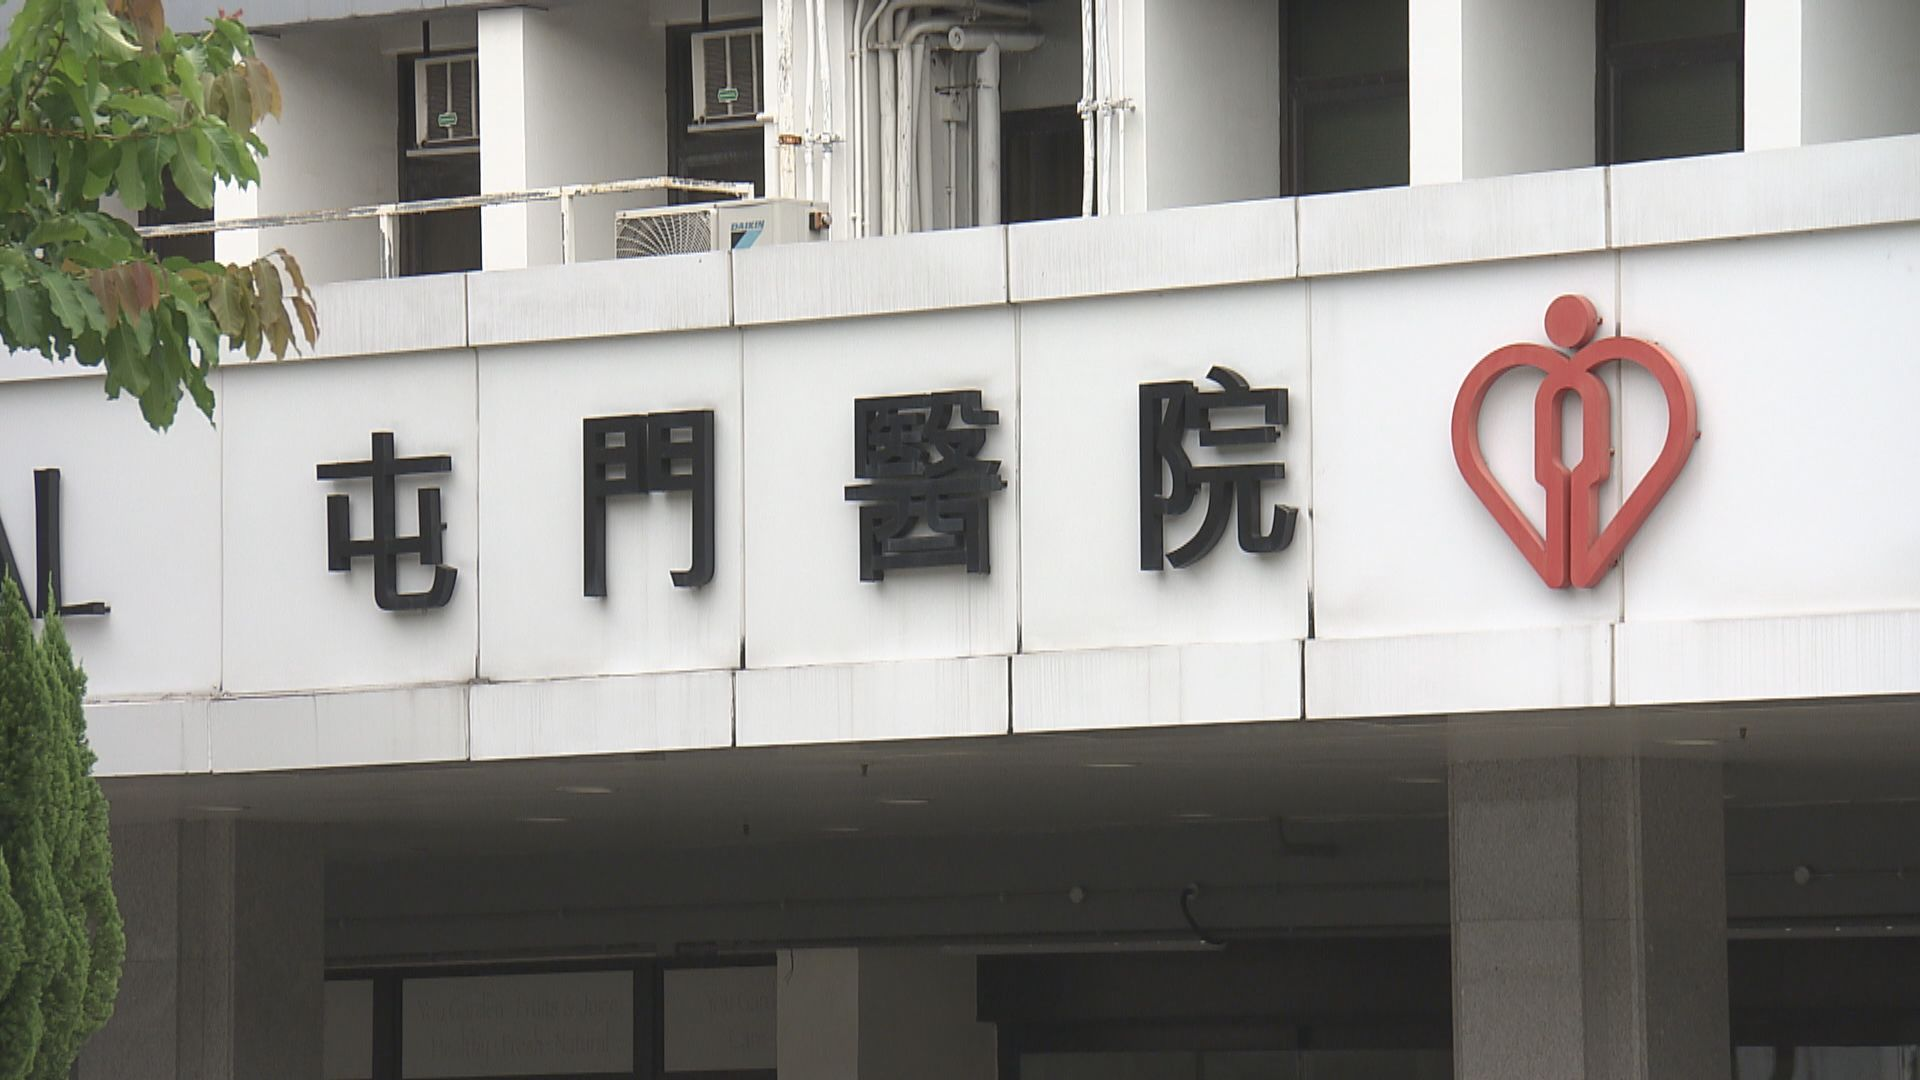 屯門醫院病人以棉被及膠袋蓋頭後死亡 院方報警處理